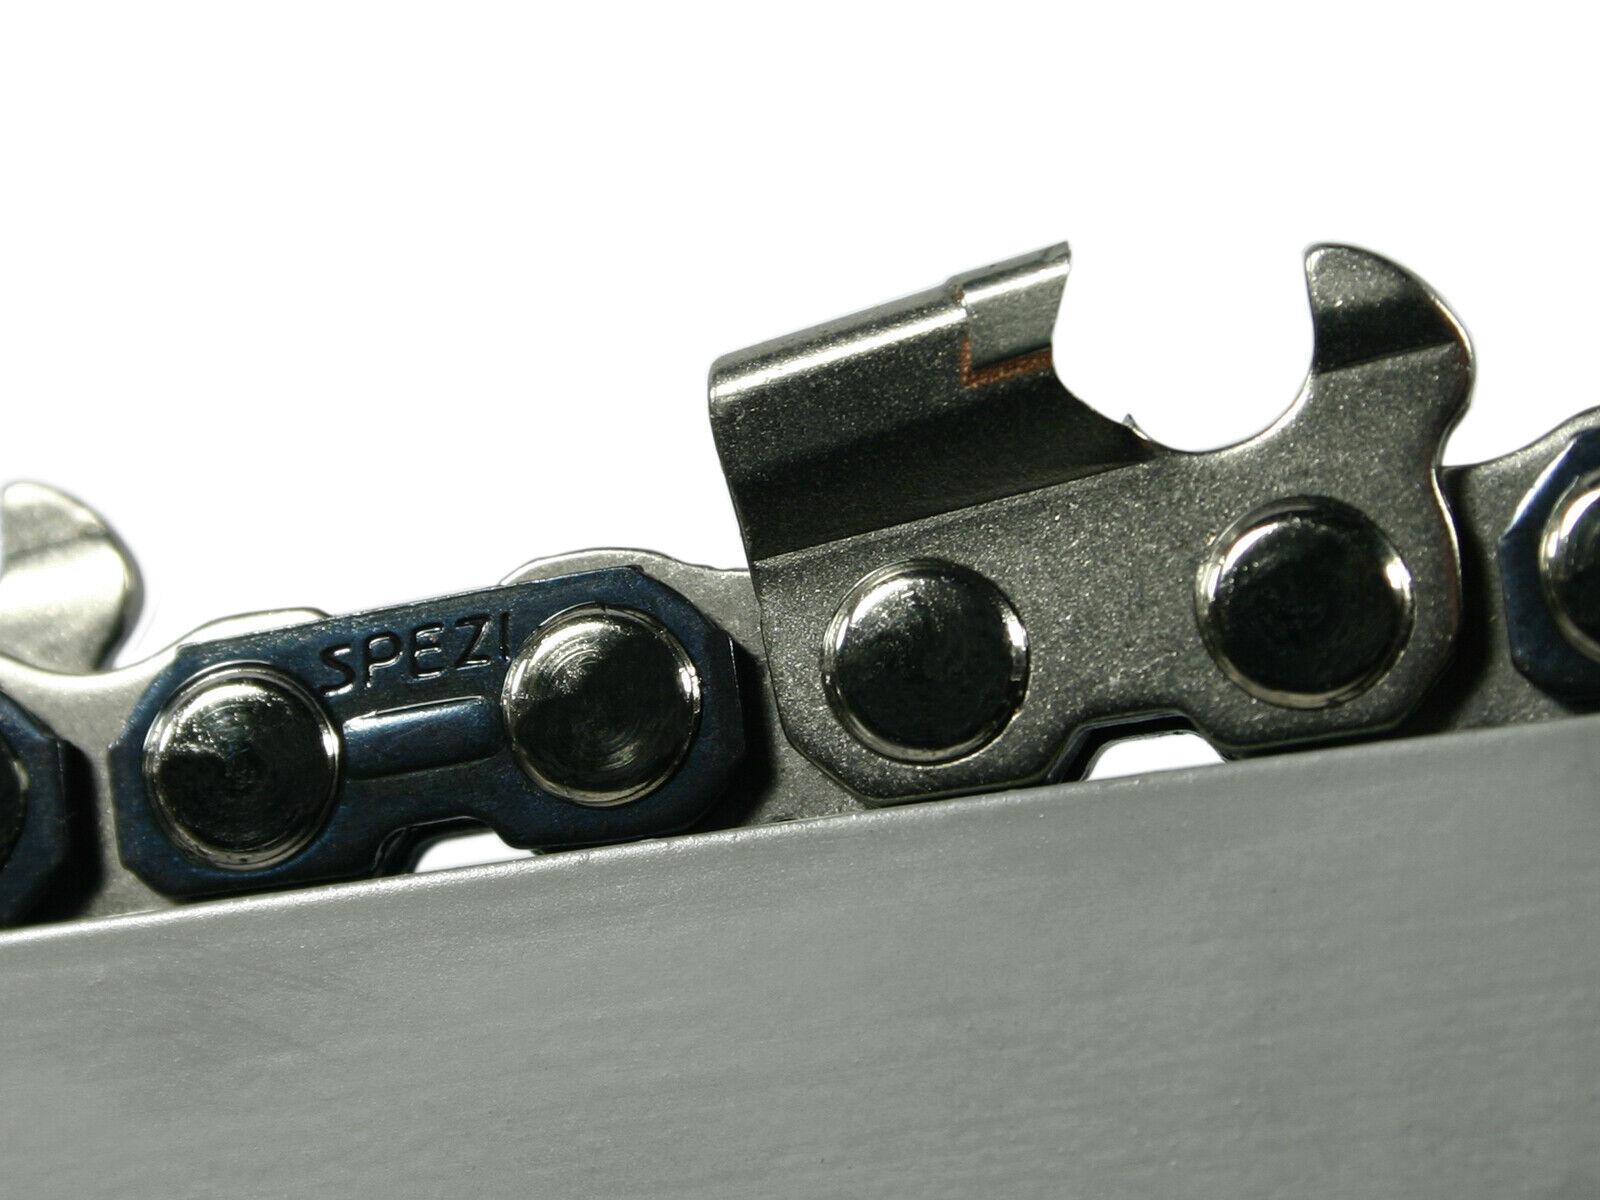 Metal duro para sierra cadena compatible con still MS 461 63 cm 3 8  84 TG 1,6 mm Cochebide